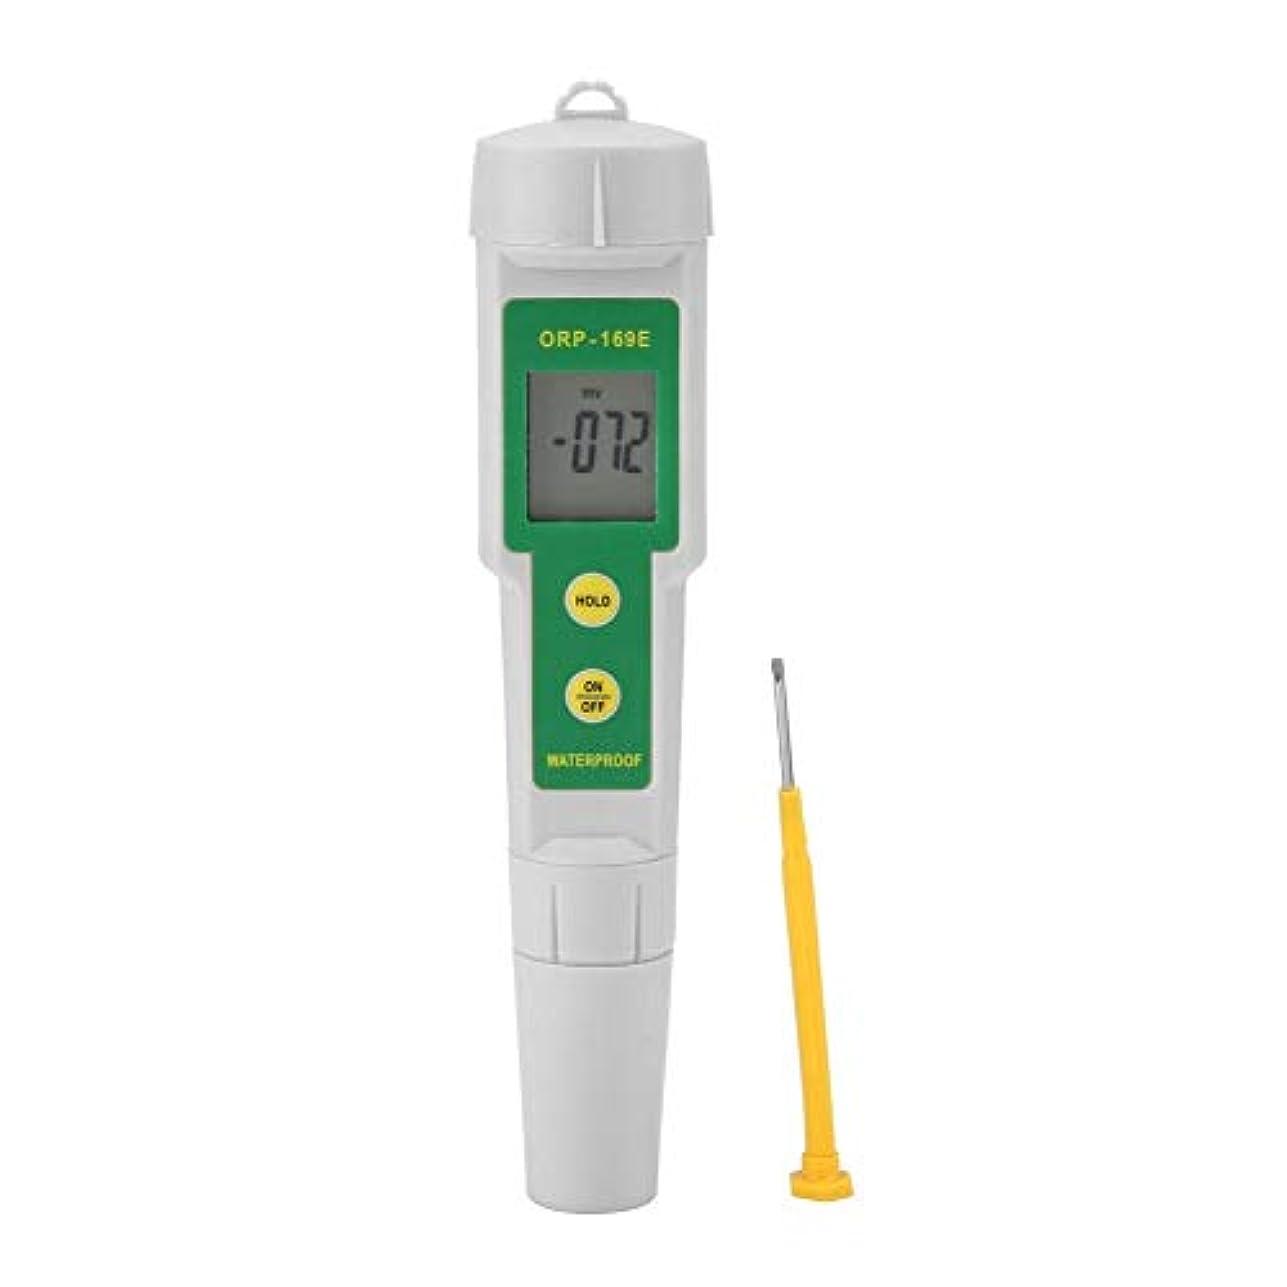 修正するペフモードリンデジタルORPメーター、ORP-169ポータブル水質モニターデジタルORPテスターペン取り外し可能な水ORPメーター